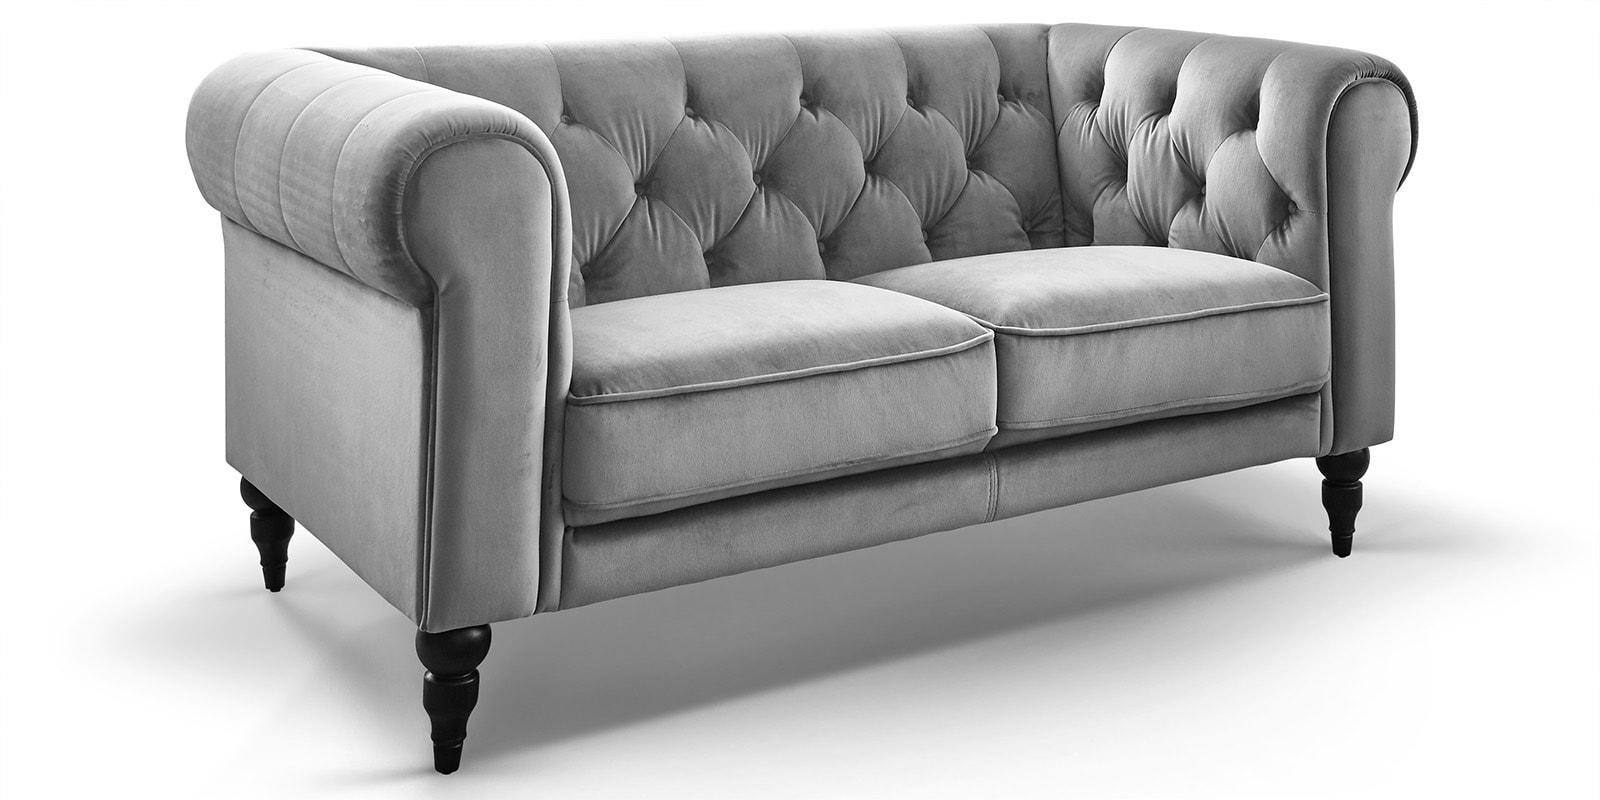 Full Size of 2 Sitzer Sofa Chesterfield Samt Hudson Große Kissen Kiefer Bett 90x200 Mit Bettkasten 180x200 Lattenrost Und Matratze Polster Canape Stauraum 160x200 Antikes Sofa 2 Sitzer Sofa